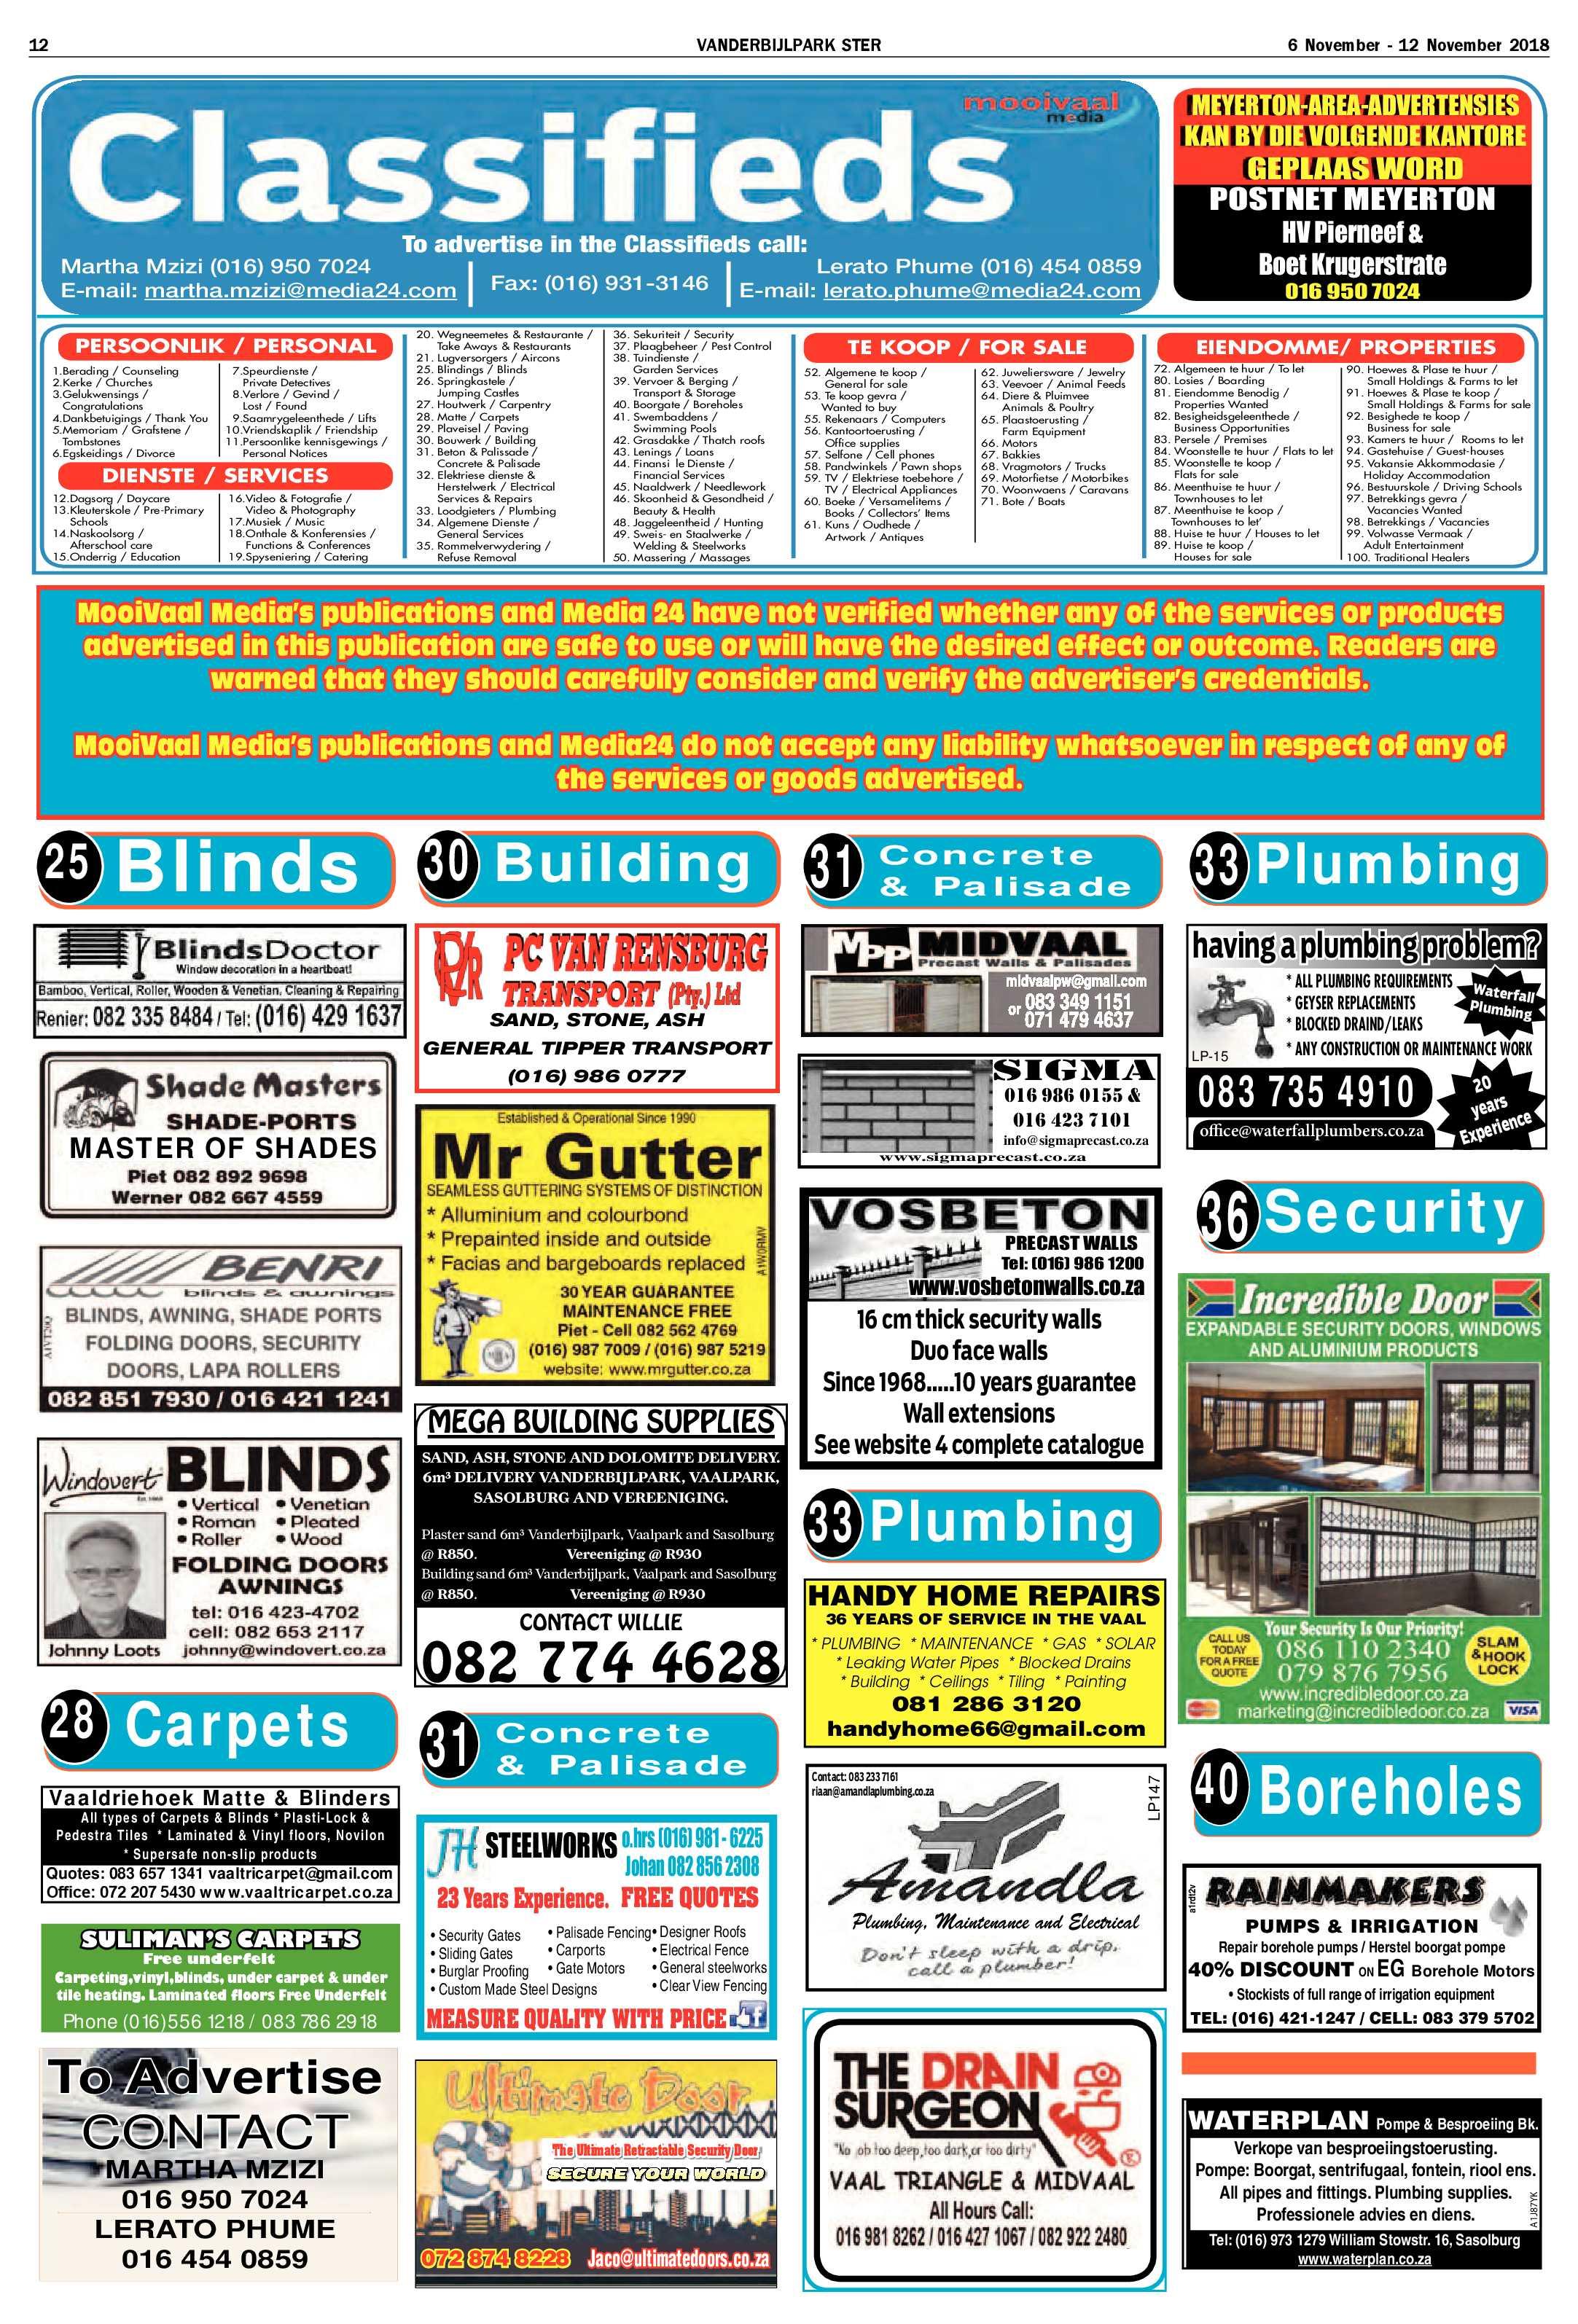 vanderbijlpark-ster-6-12-november-2018-epapers-page-12